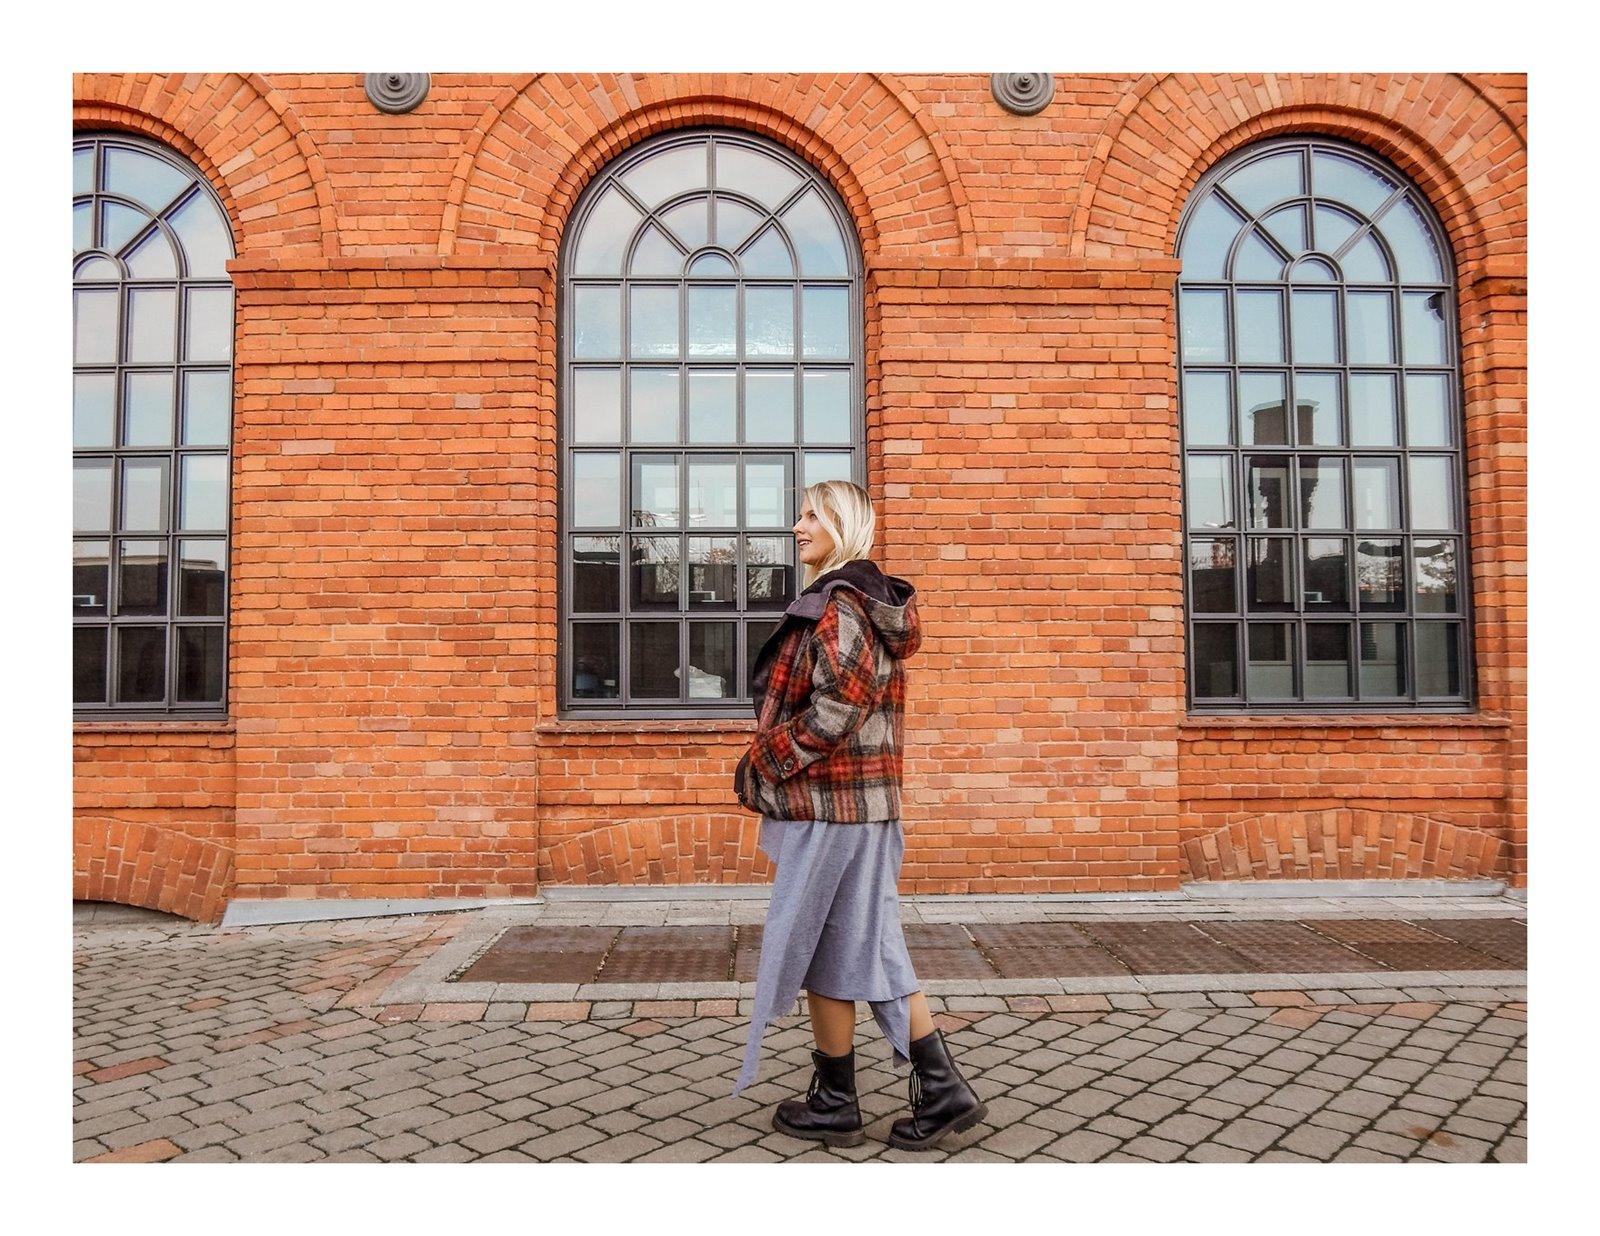 6a płaszcz - ubranie, moda polska, hot moda, moda damska jesień 2018, moda for you, net moda, blog, blogerki fashion łódź anataka kurtka w kratkę ciepła kurtka stylizacje w co się ubrać eleganckie kurtki blondynka